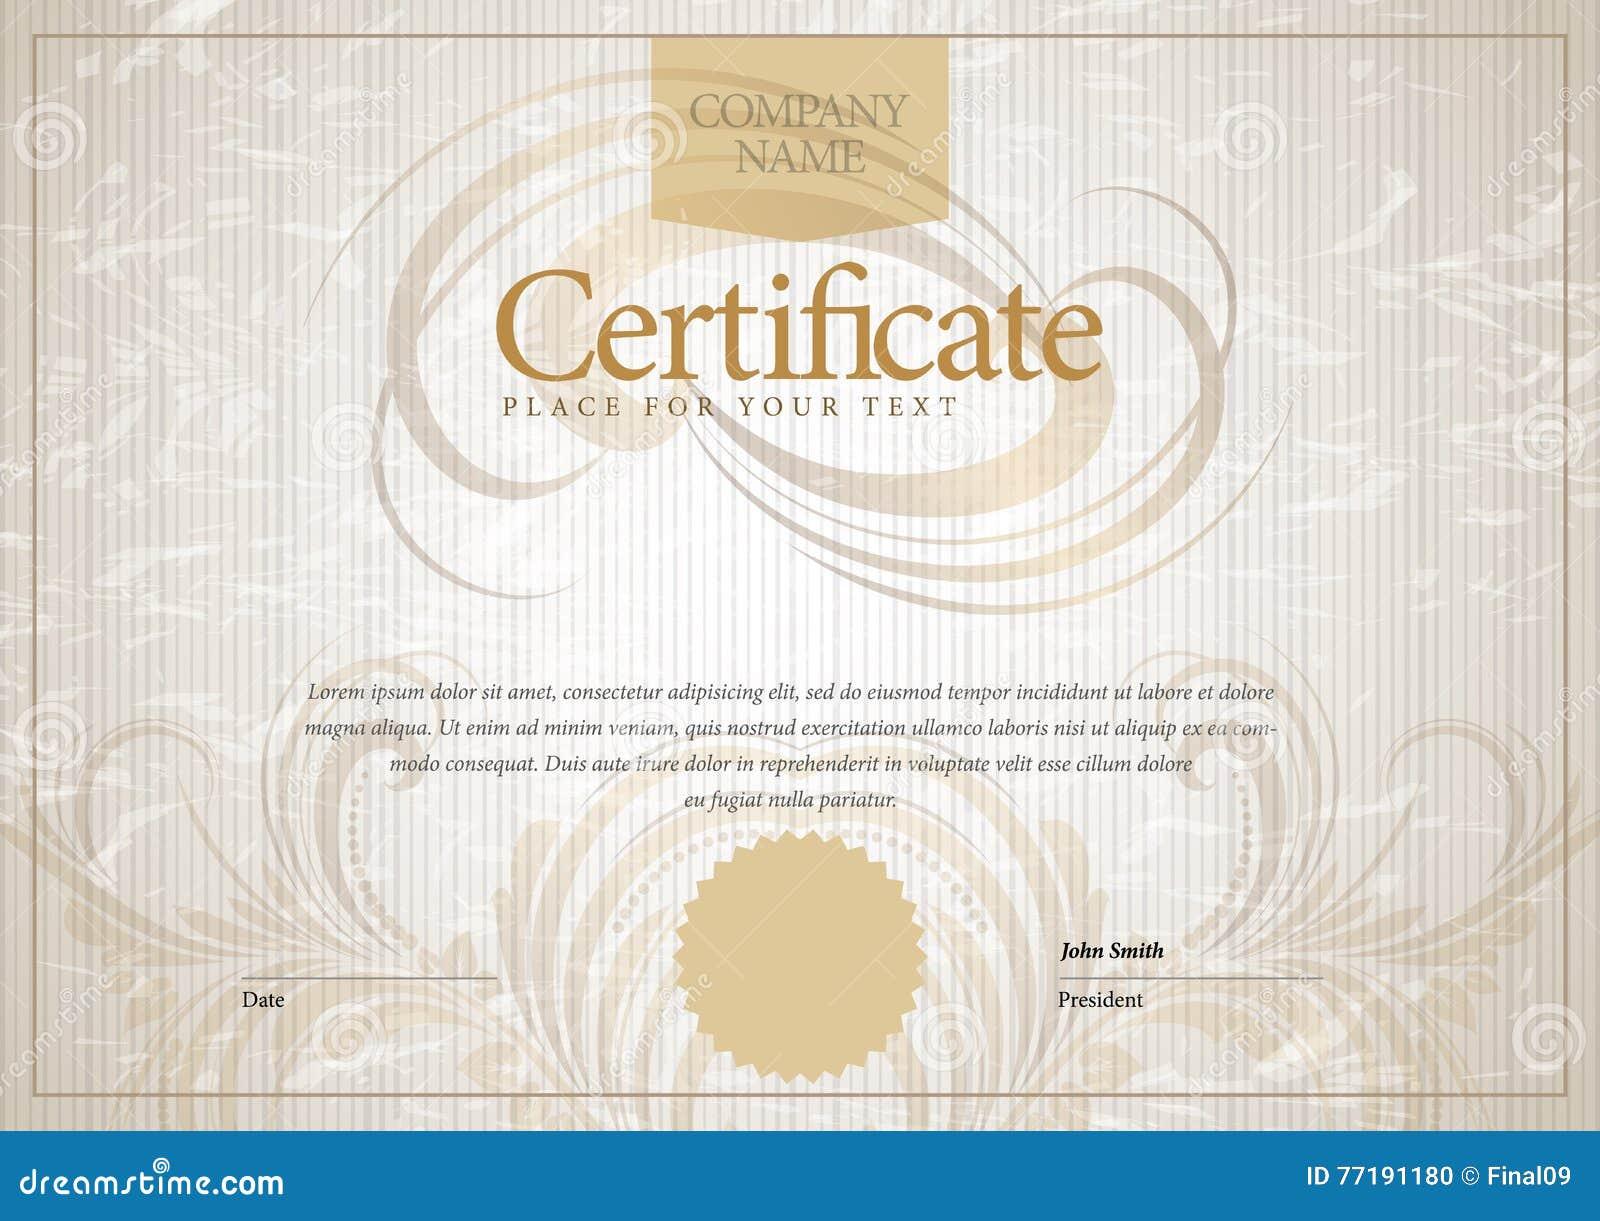 Modernes Zertifikat Schablonendiplome, Währung Vektor Abbildung ...